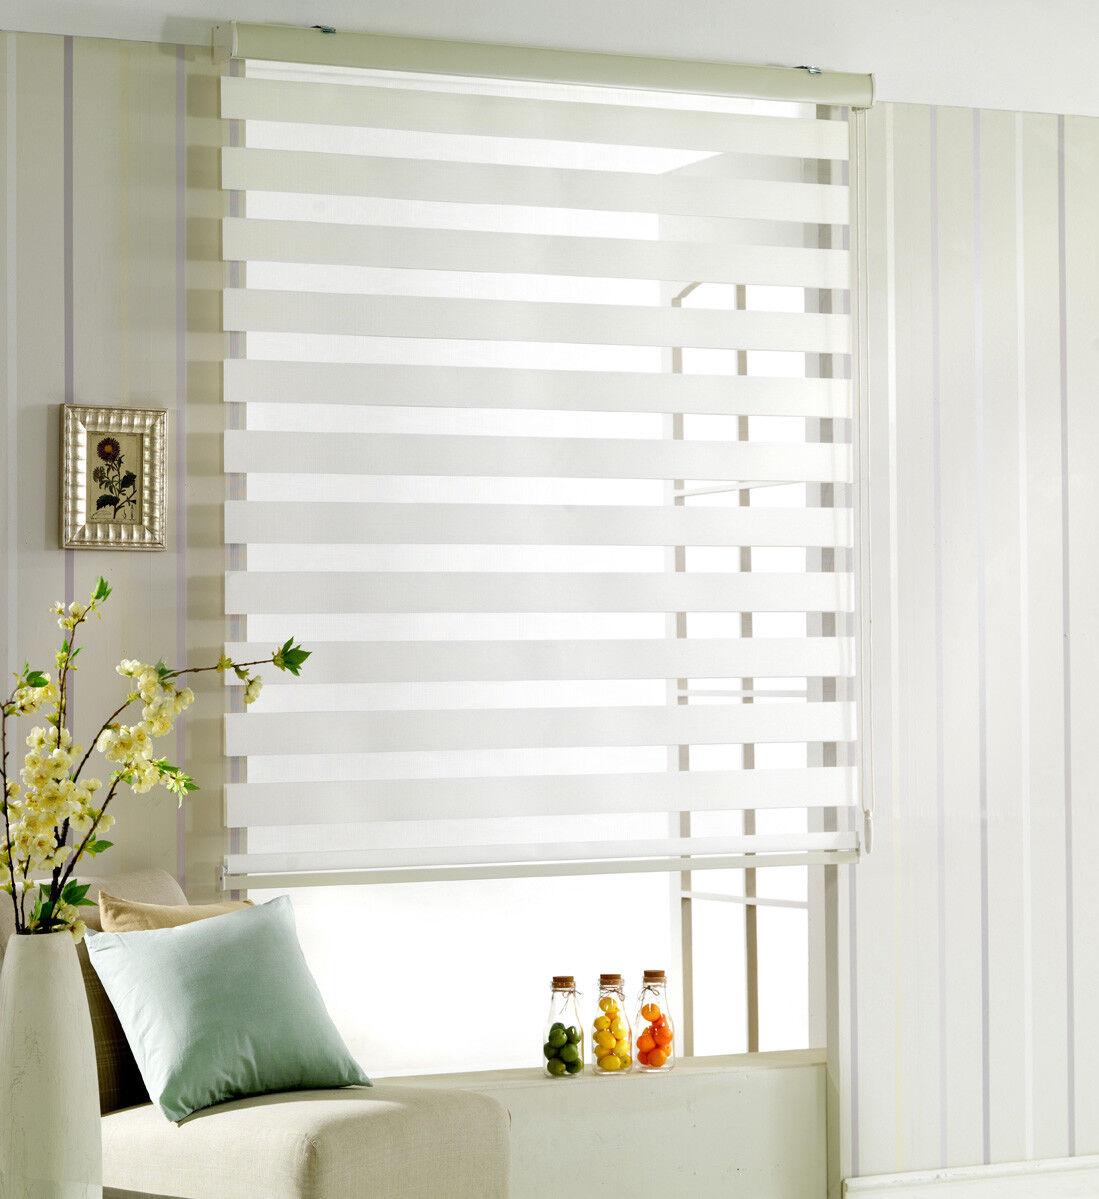 Woodlook Roller Blind Zebra  window  Grünical Grünical Grünical Curtain horizontal treatment 1 25fd12